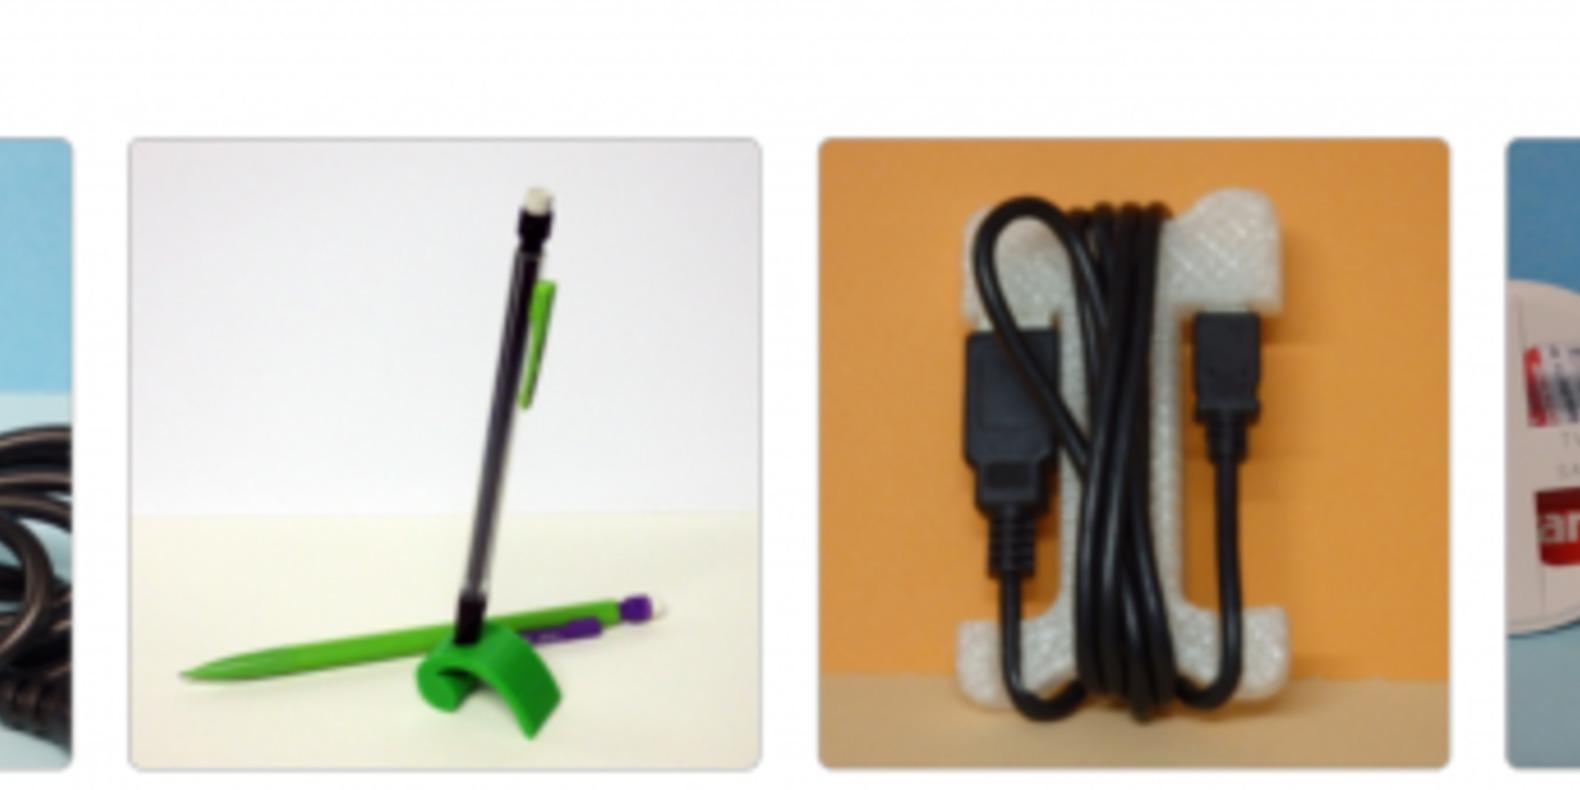 http://fichier3d.fr/wp-content/uploads/2017/01/Boxplyer-fichier-3D-modèle-3D-impression-3D-imprimante-3D-3D-printing-3D-model-3D-file-Design-Design-3D20.png